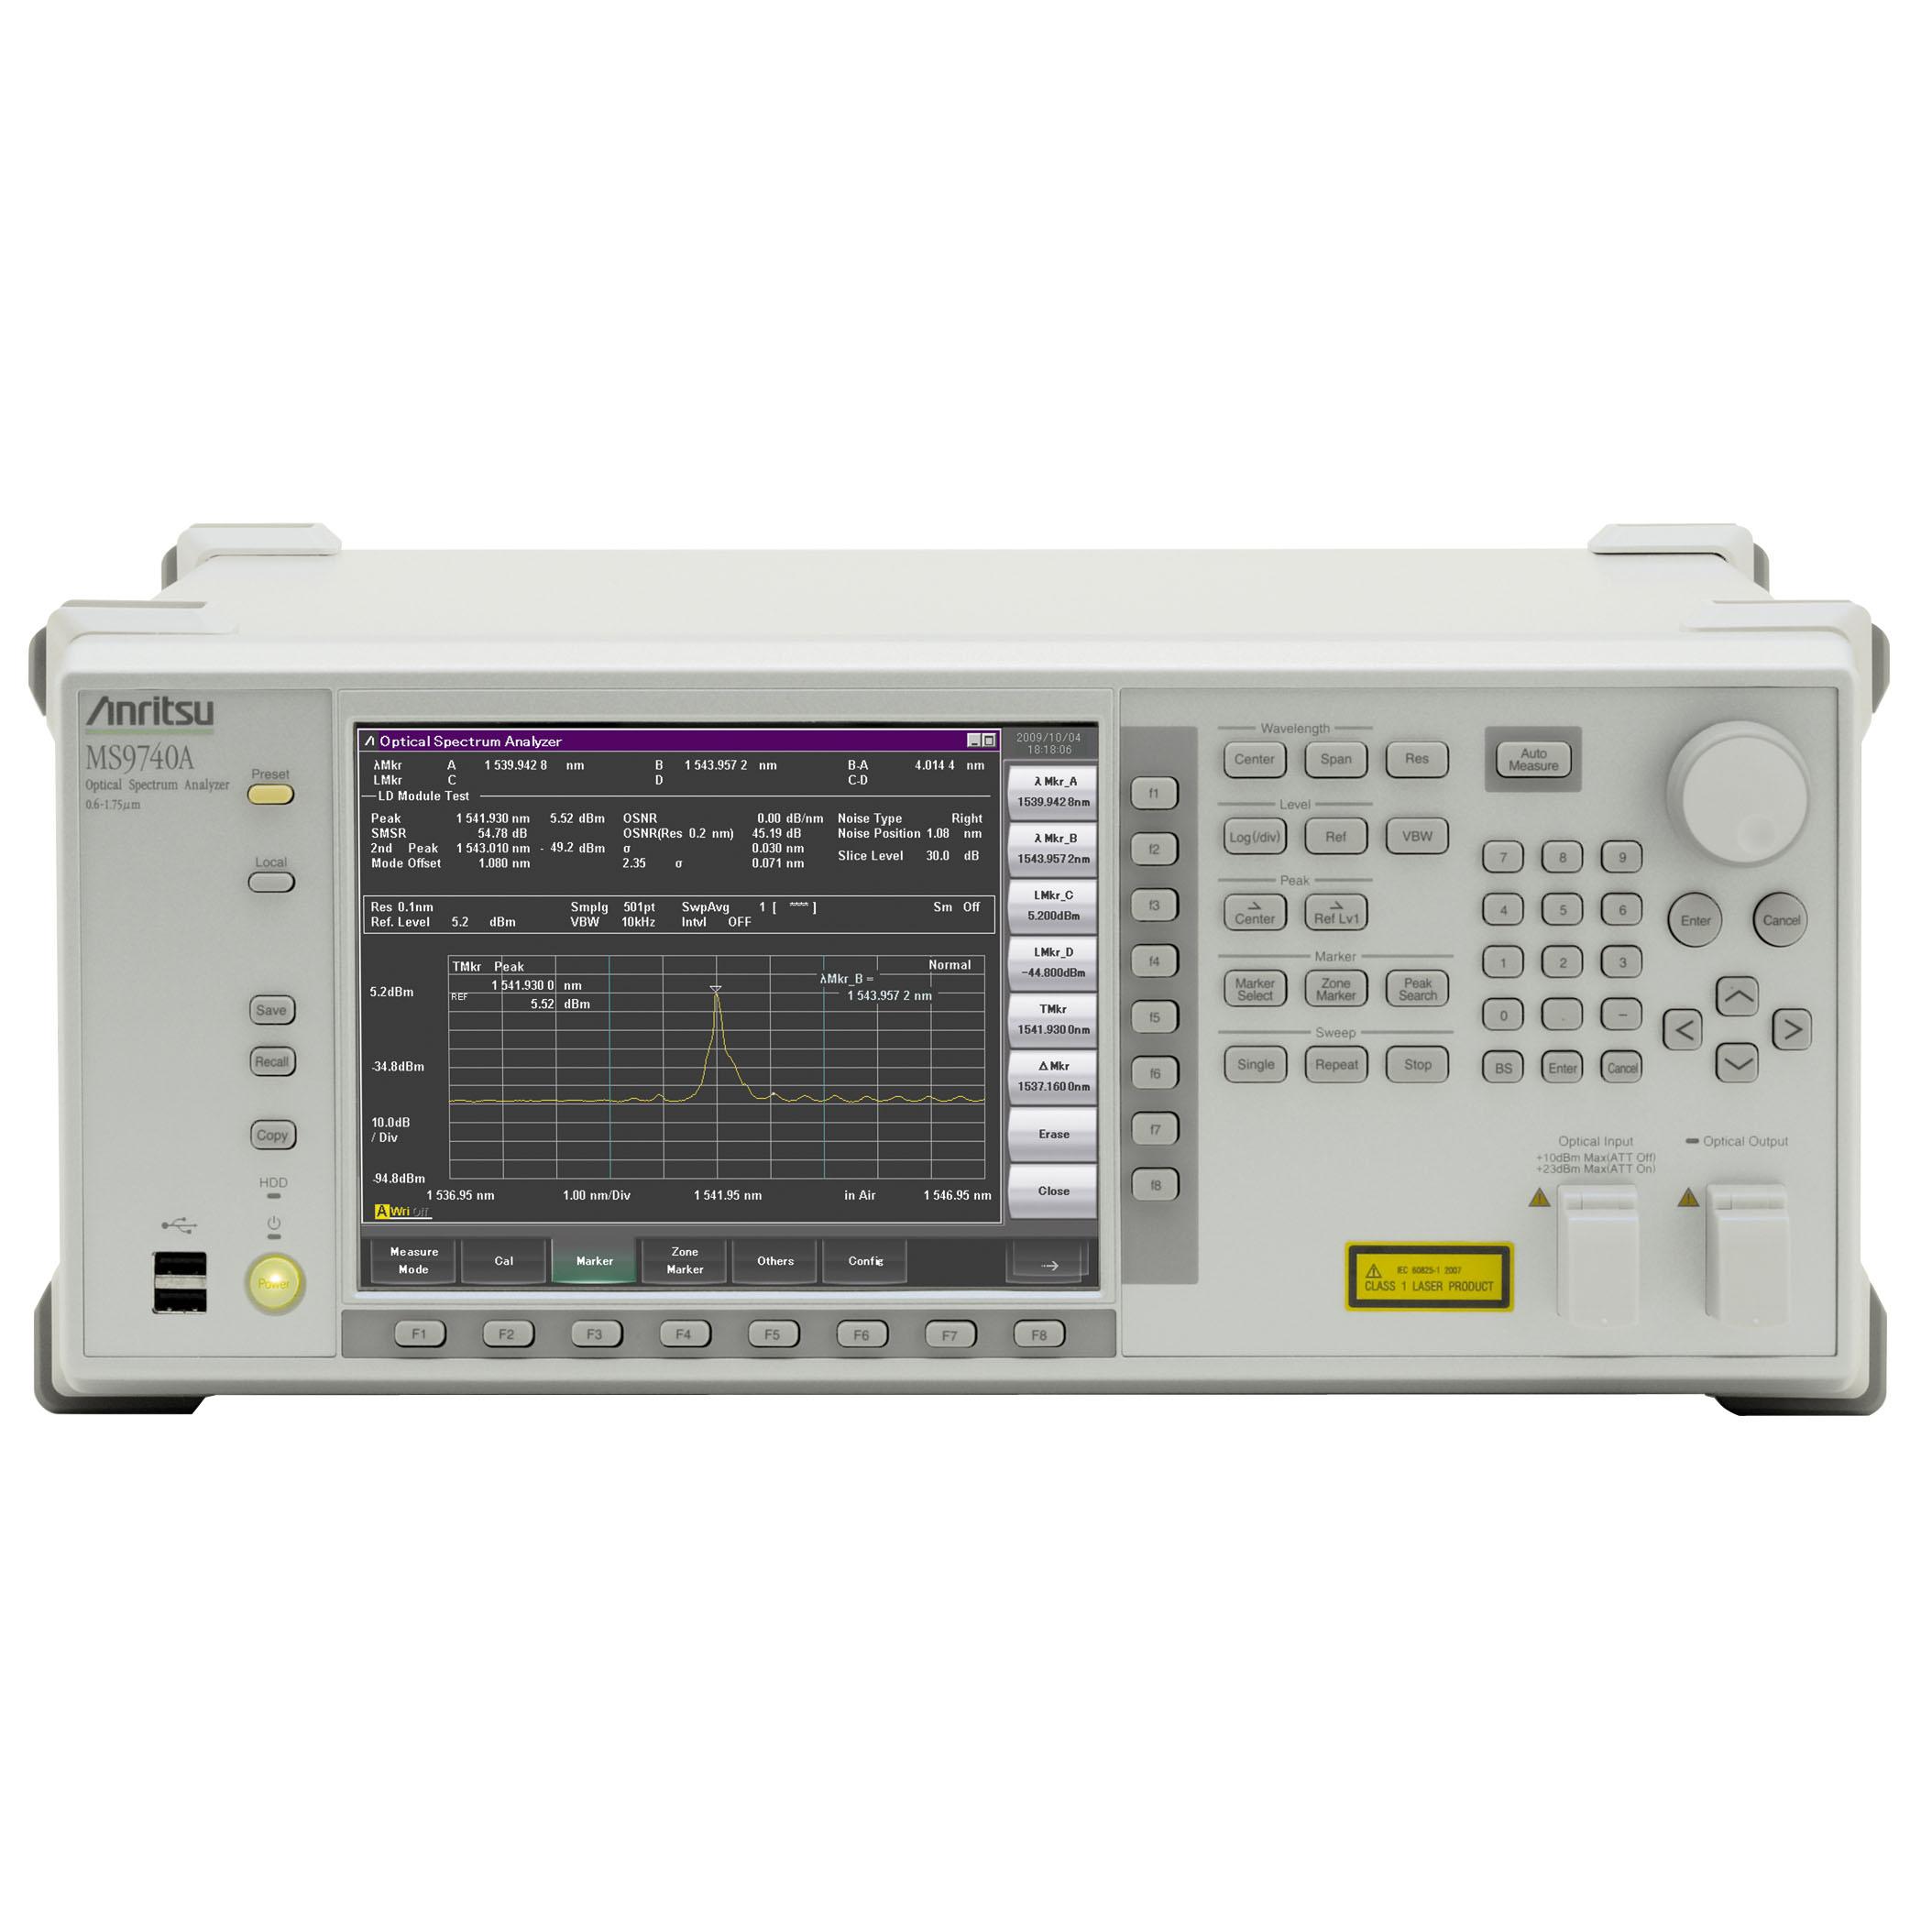 MS9740A/001,002,037,J0619B 光スペクトラムアナライザ